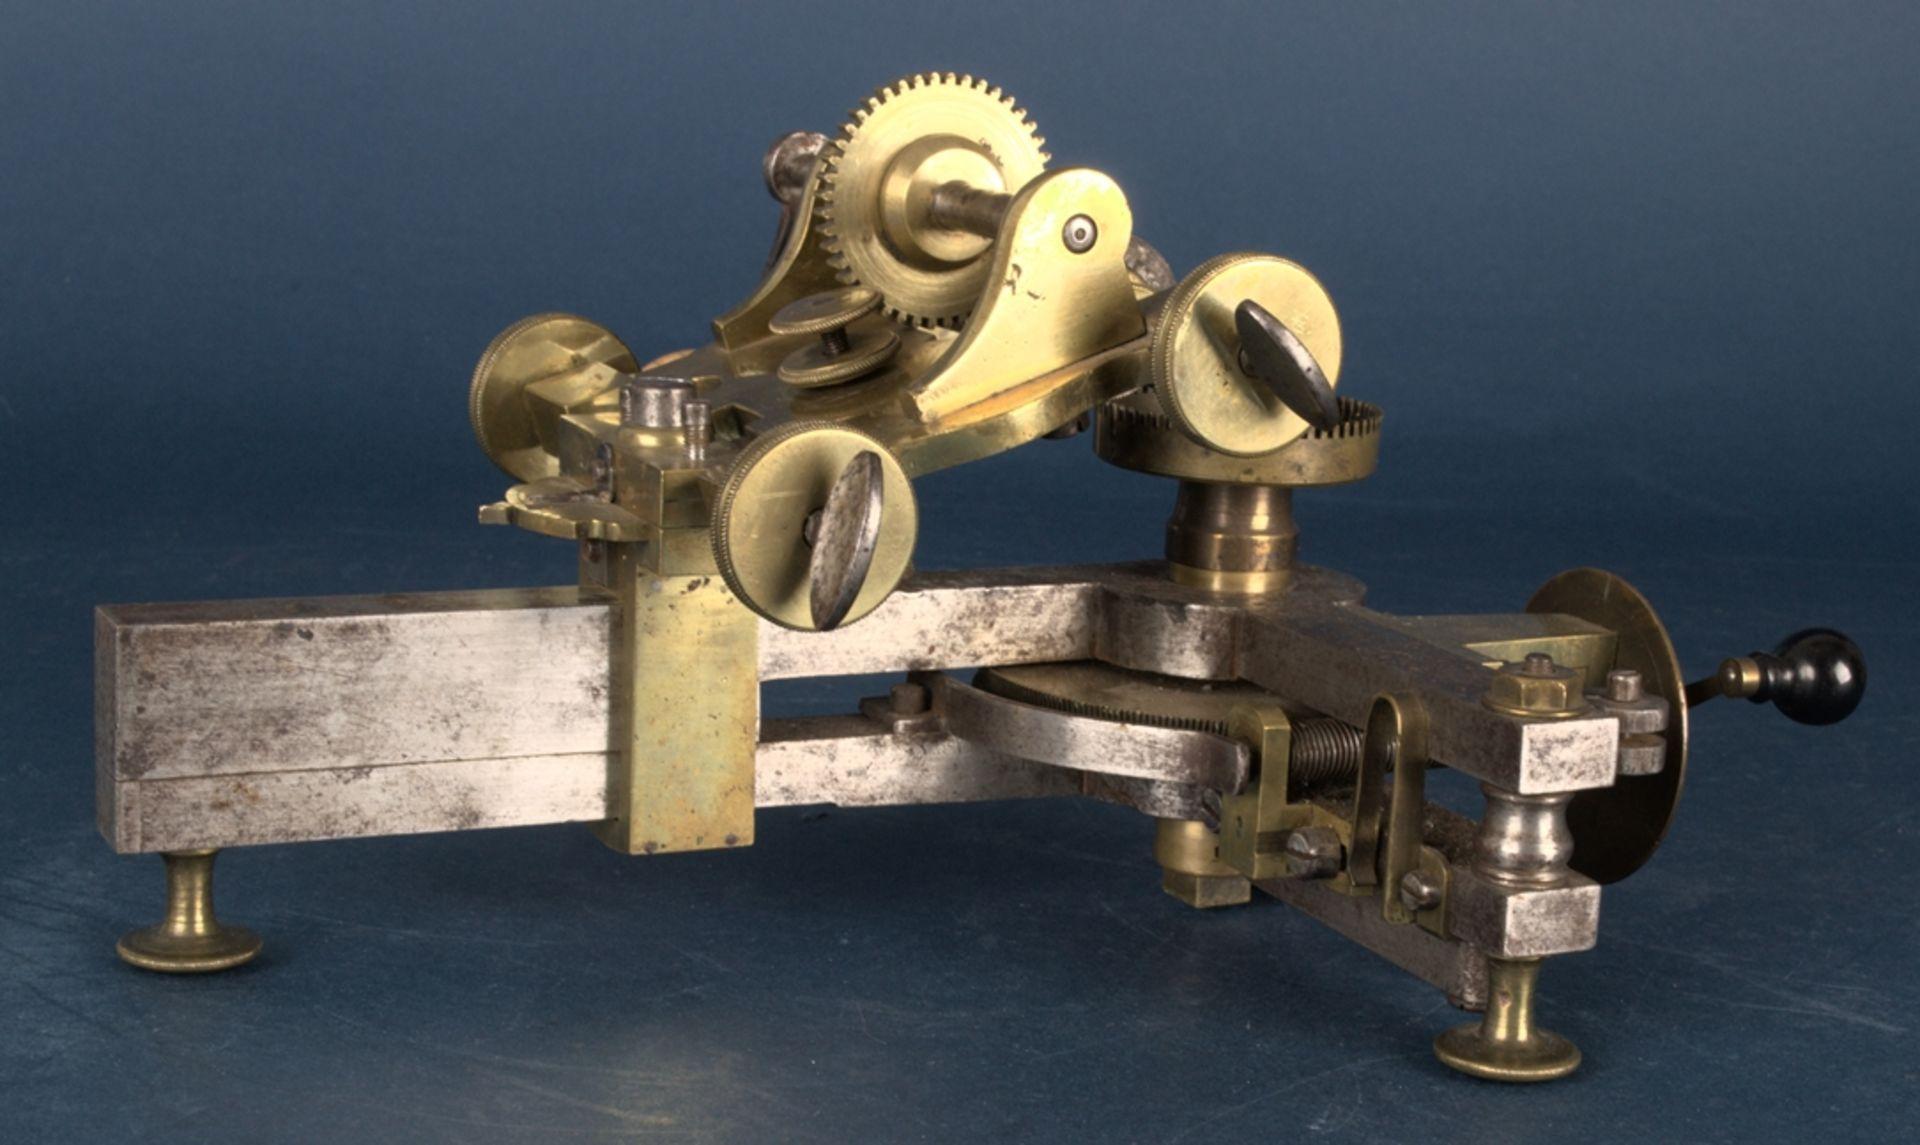 Zahnradfräsmaschine/Zahnräderschneidemaschine, frühes Uhrmacherwerkzeug, deutsch Mitte 18. Jhd., - Bild 3 aus 29